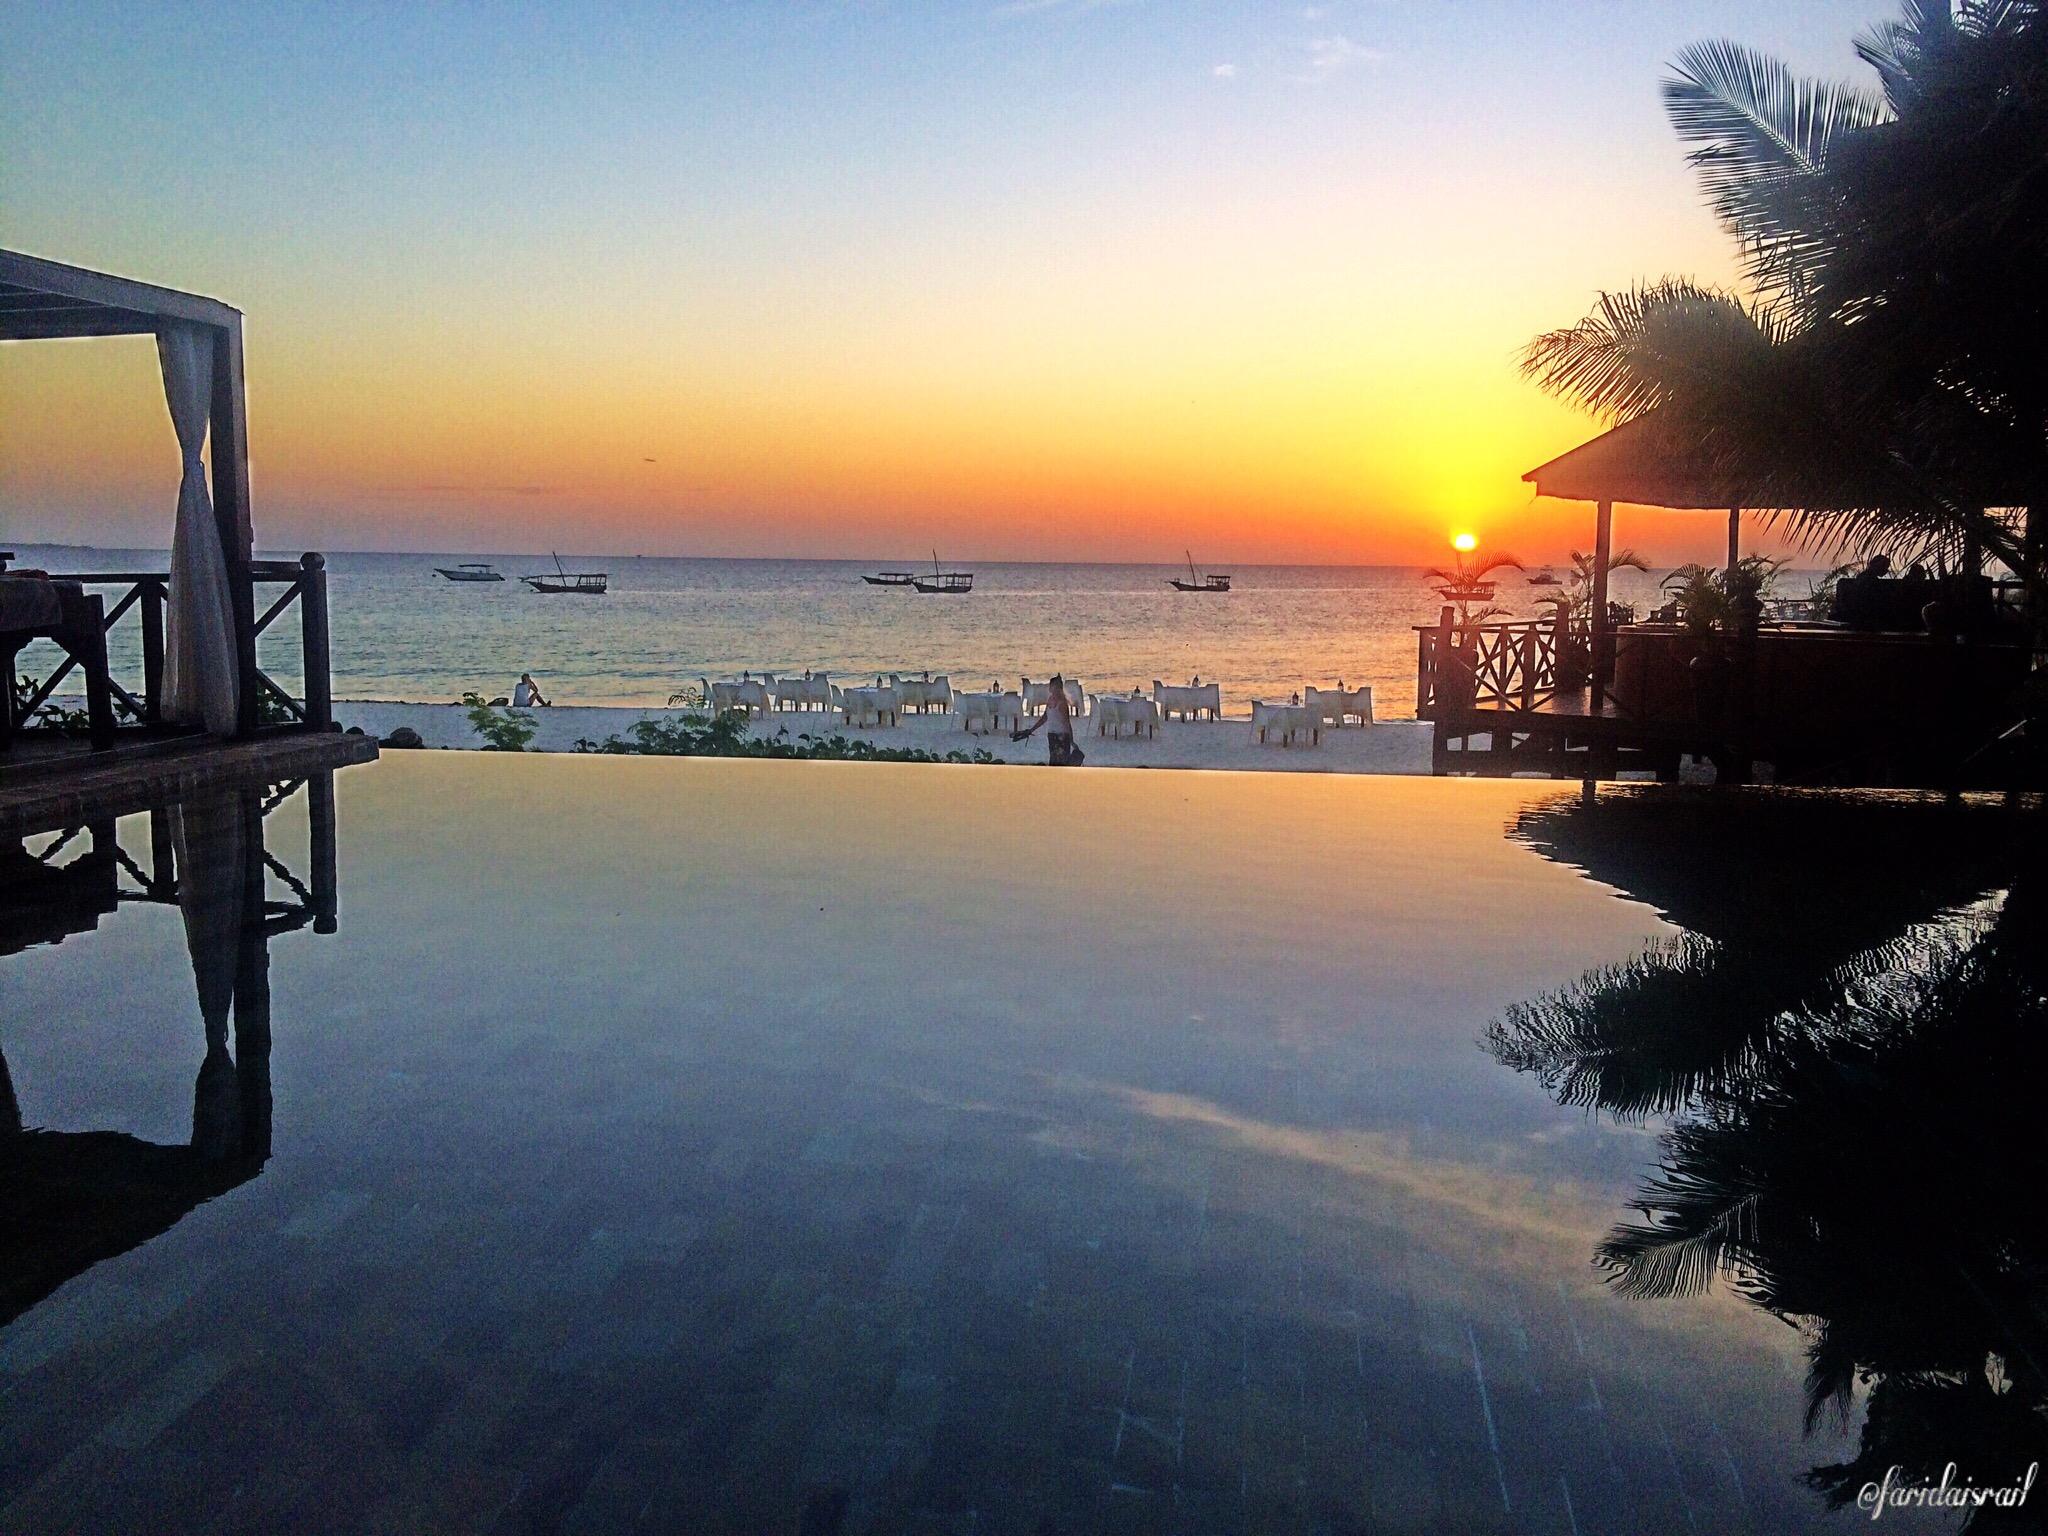 Tanzania /Zanzibar Travel Diary